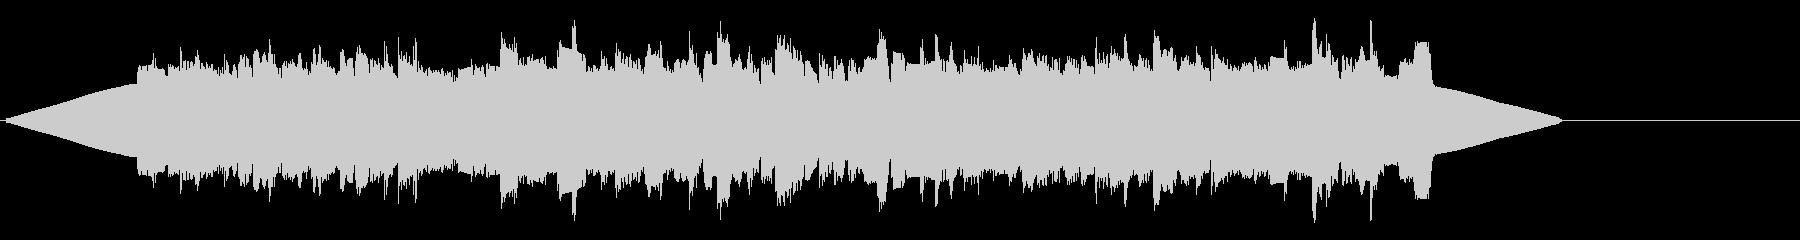 ビープ音;シンセトーン、コンピュー...の未再生の波形